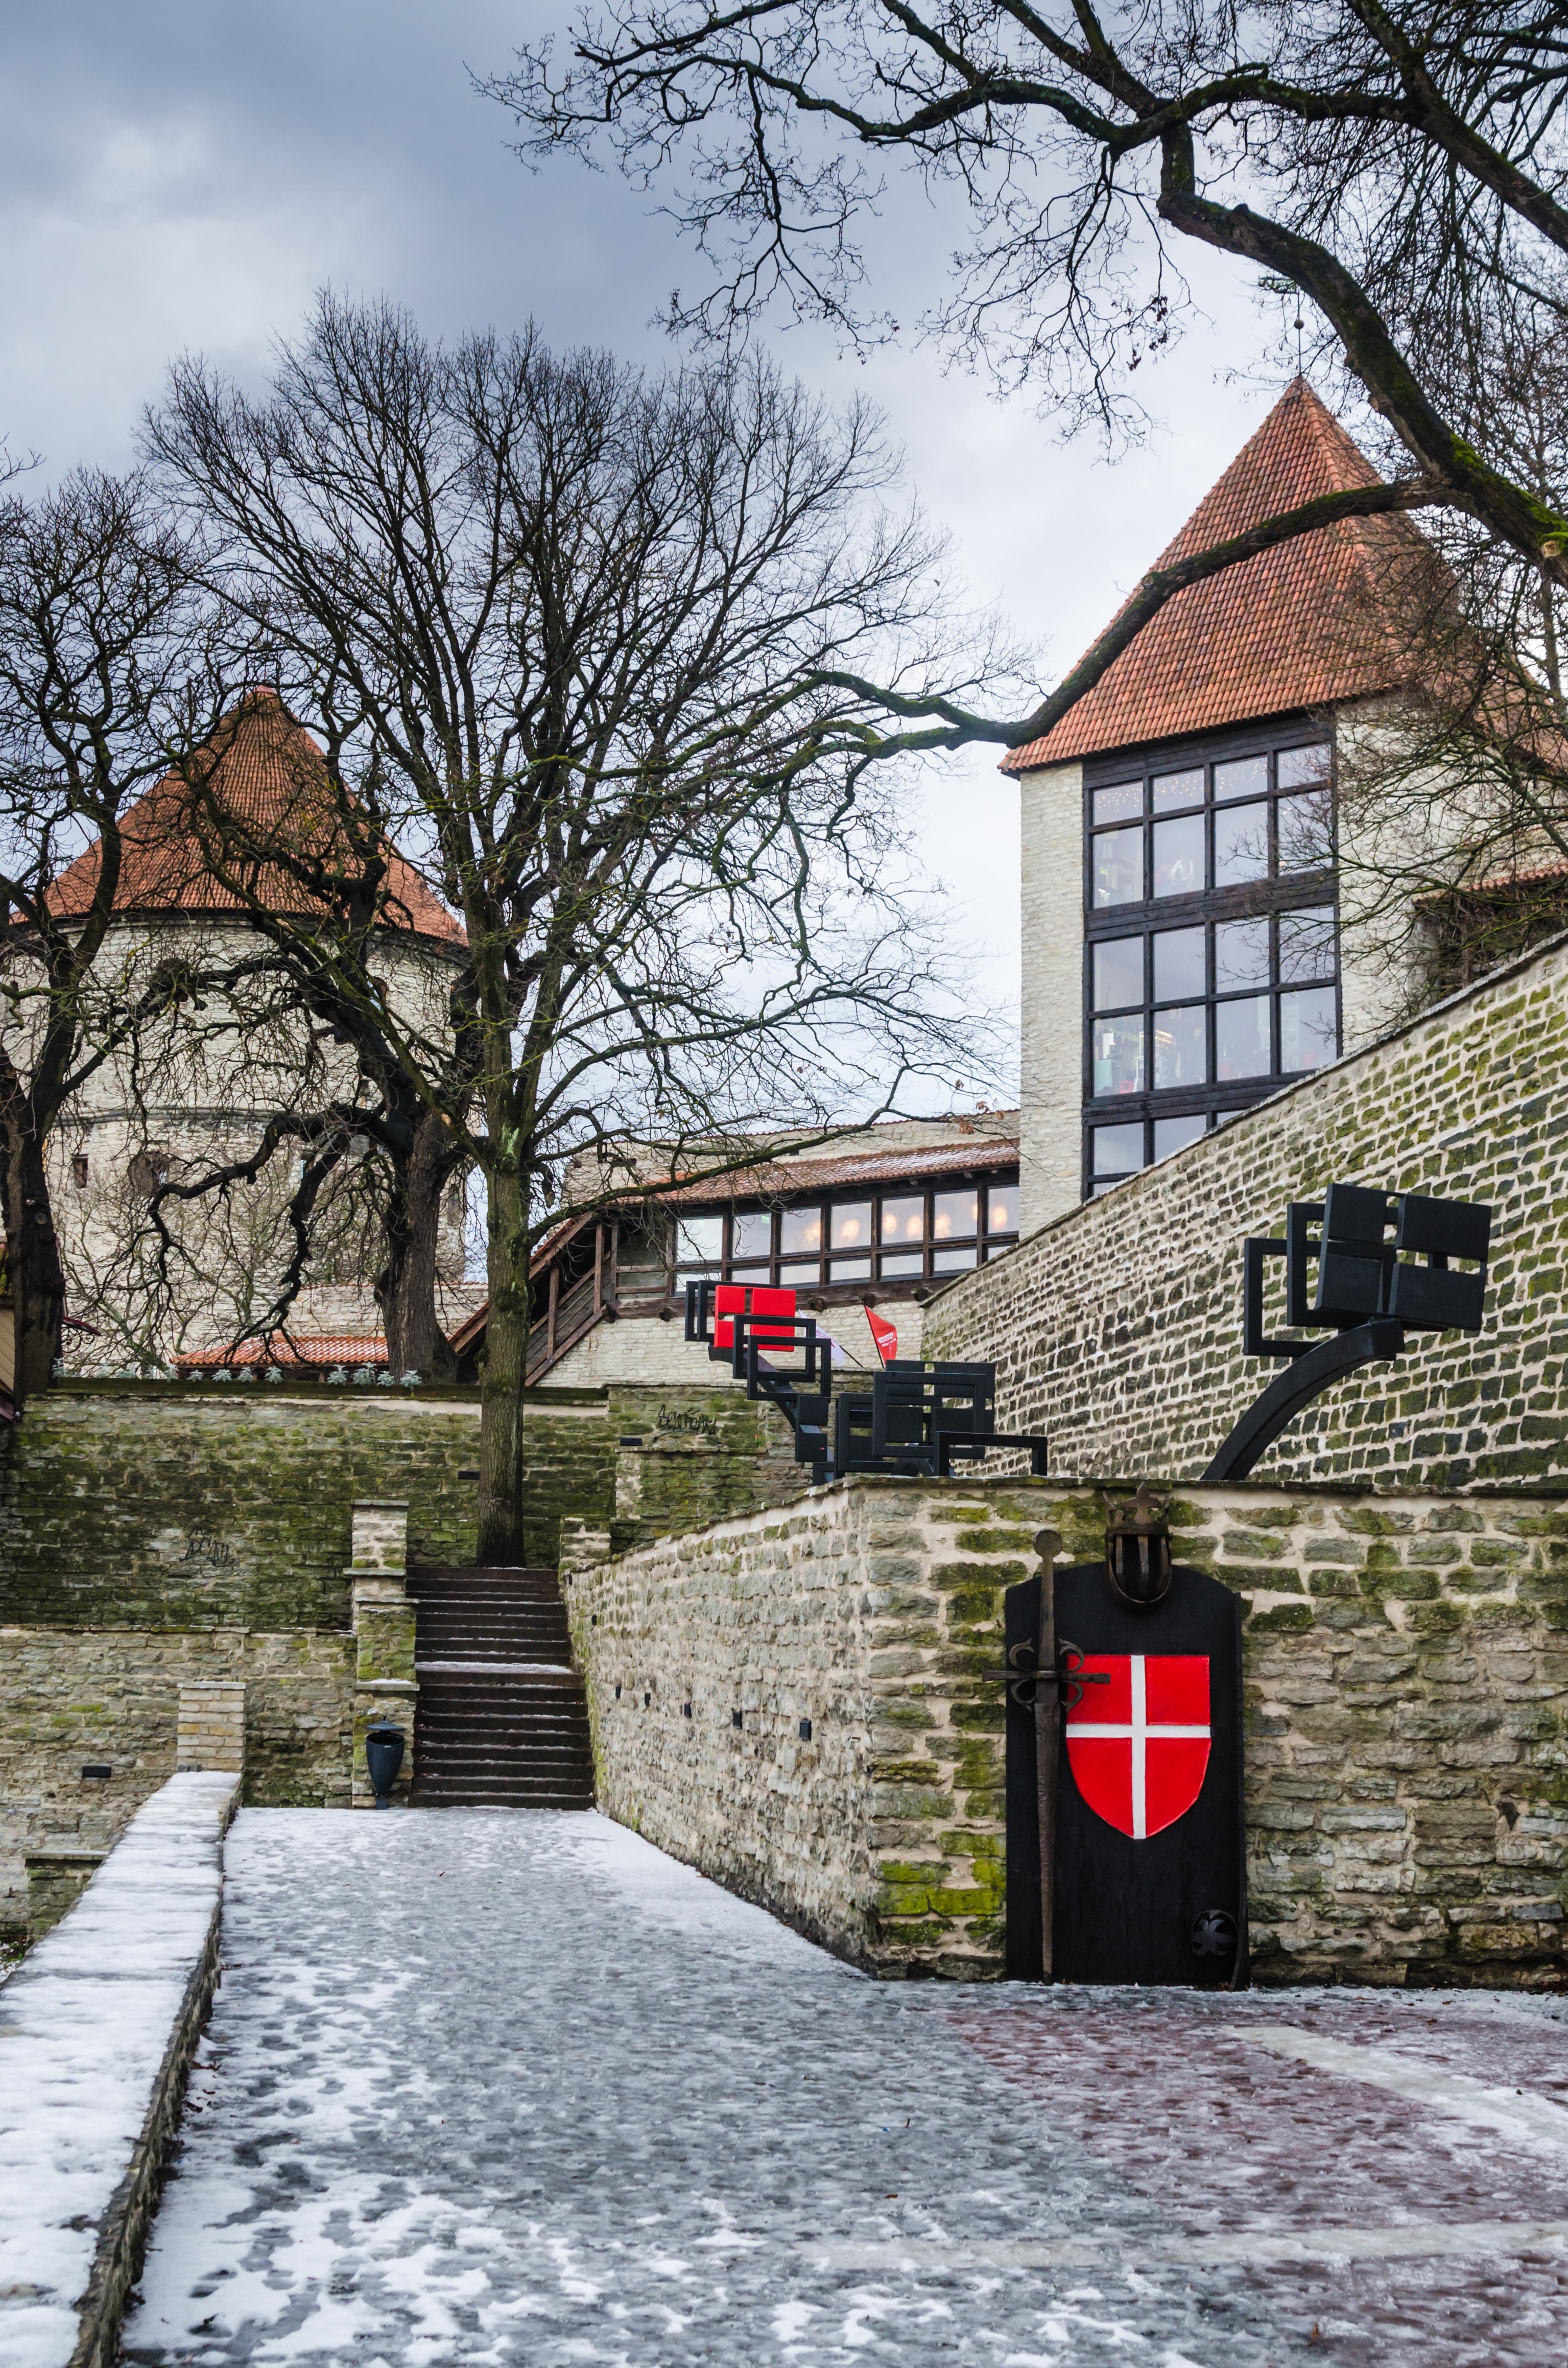 ¿Sabes cuál es la bandera más antigua del mundo? Nació en Tallin pero no es la de Estonia - Lituania Circuito Repúblicas Bálticas